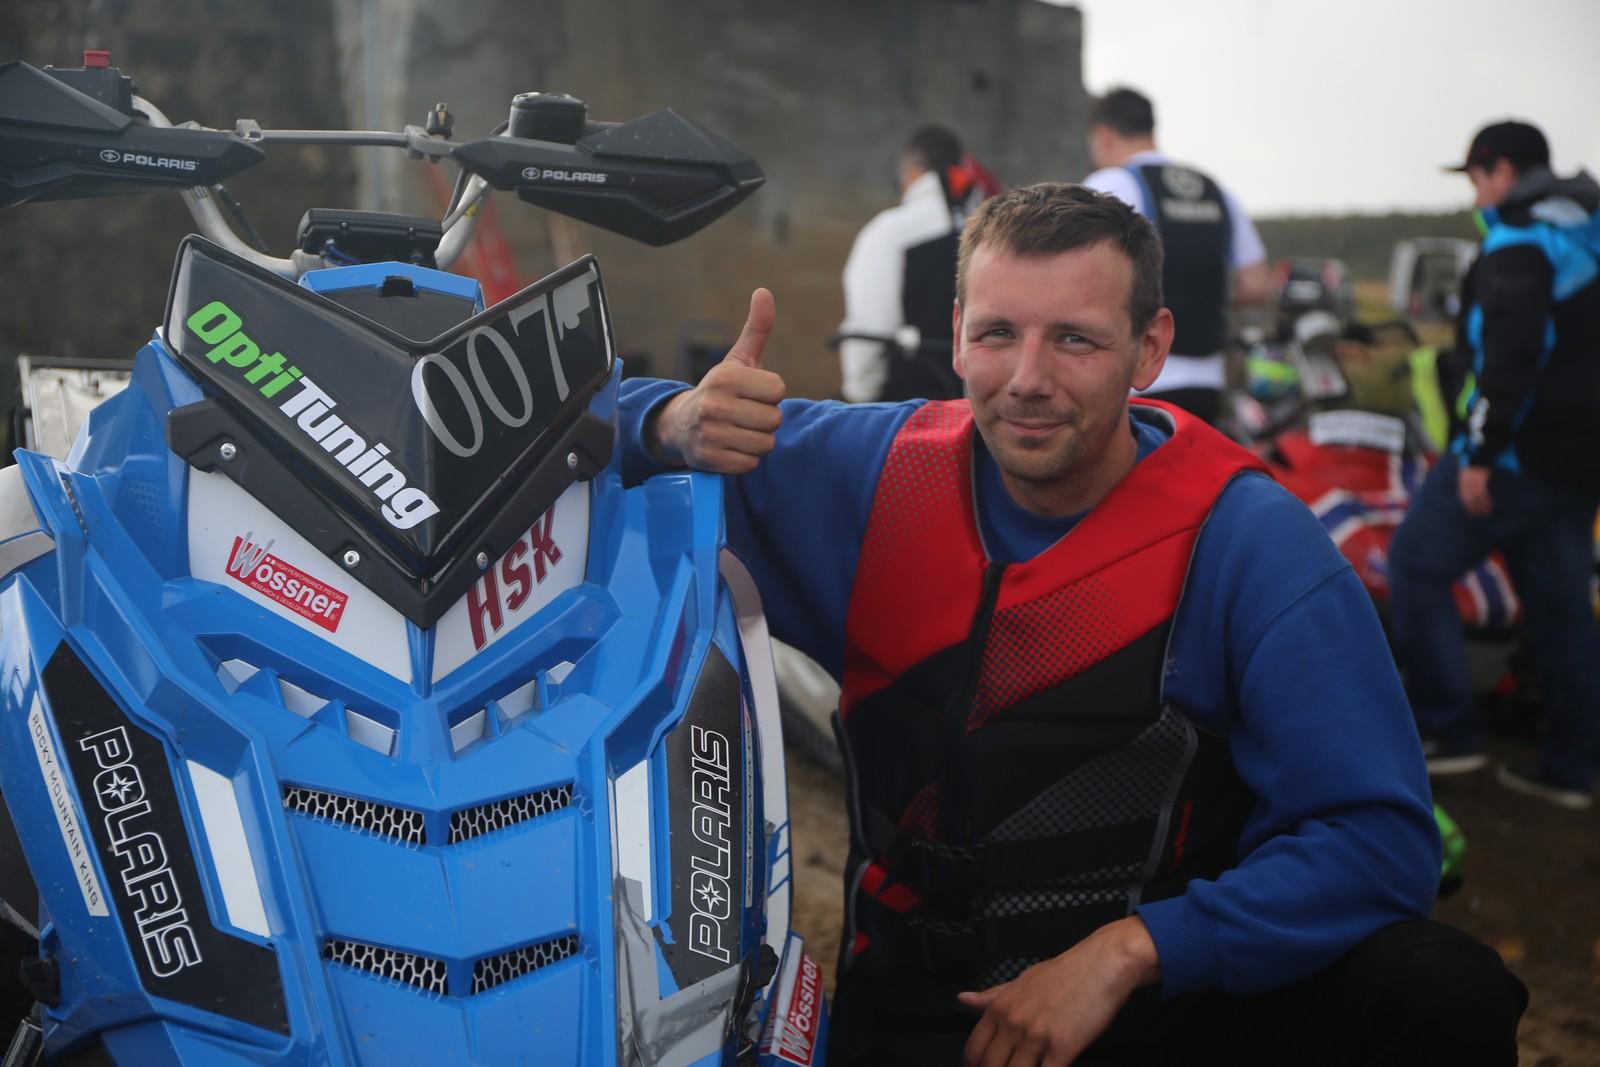 Ståle Johannessen gikk til topps i Drag Open. Skuteren med tallene 007 tilhører Morten Blien, en såkalt Polaris Axis 860 Blien-edition.